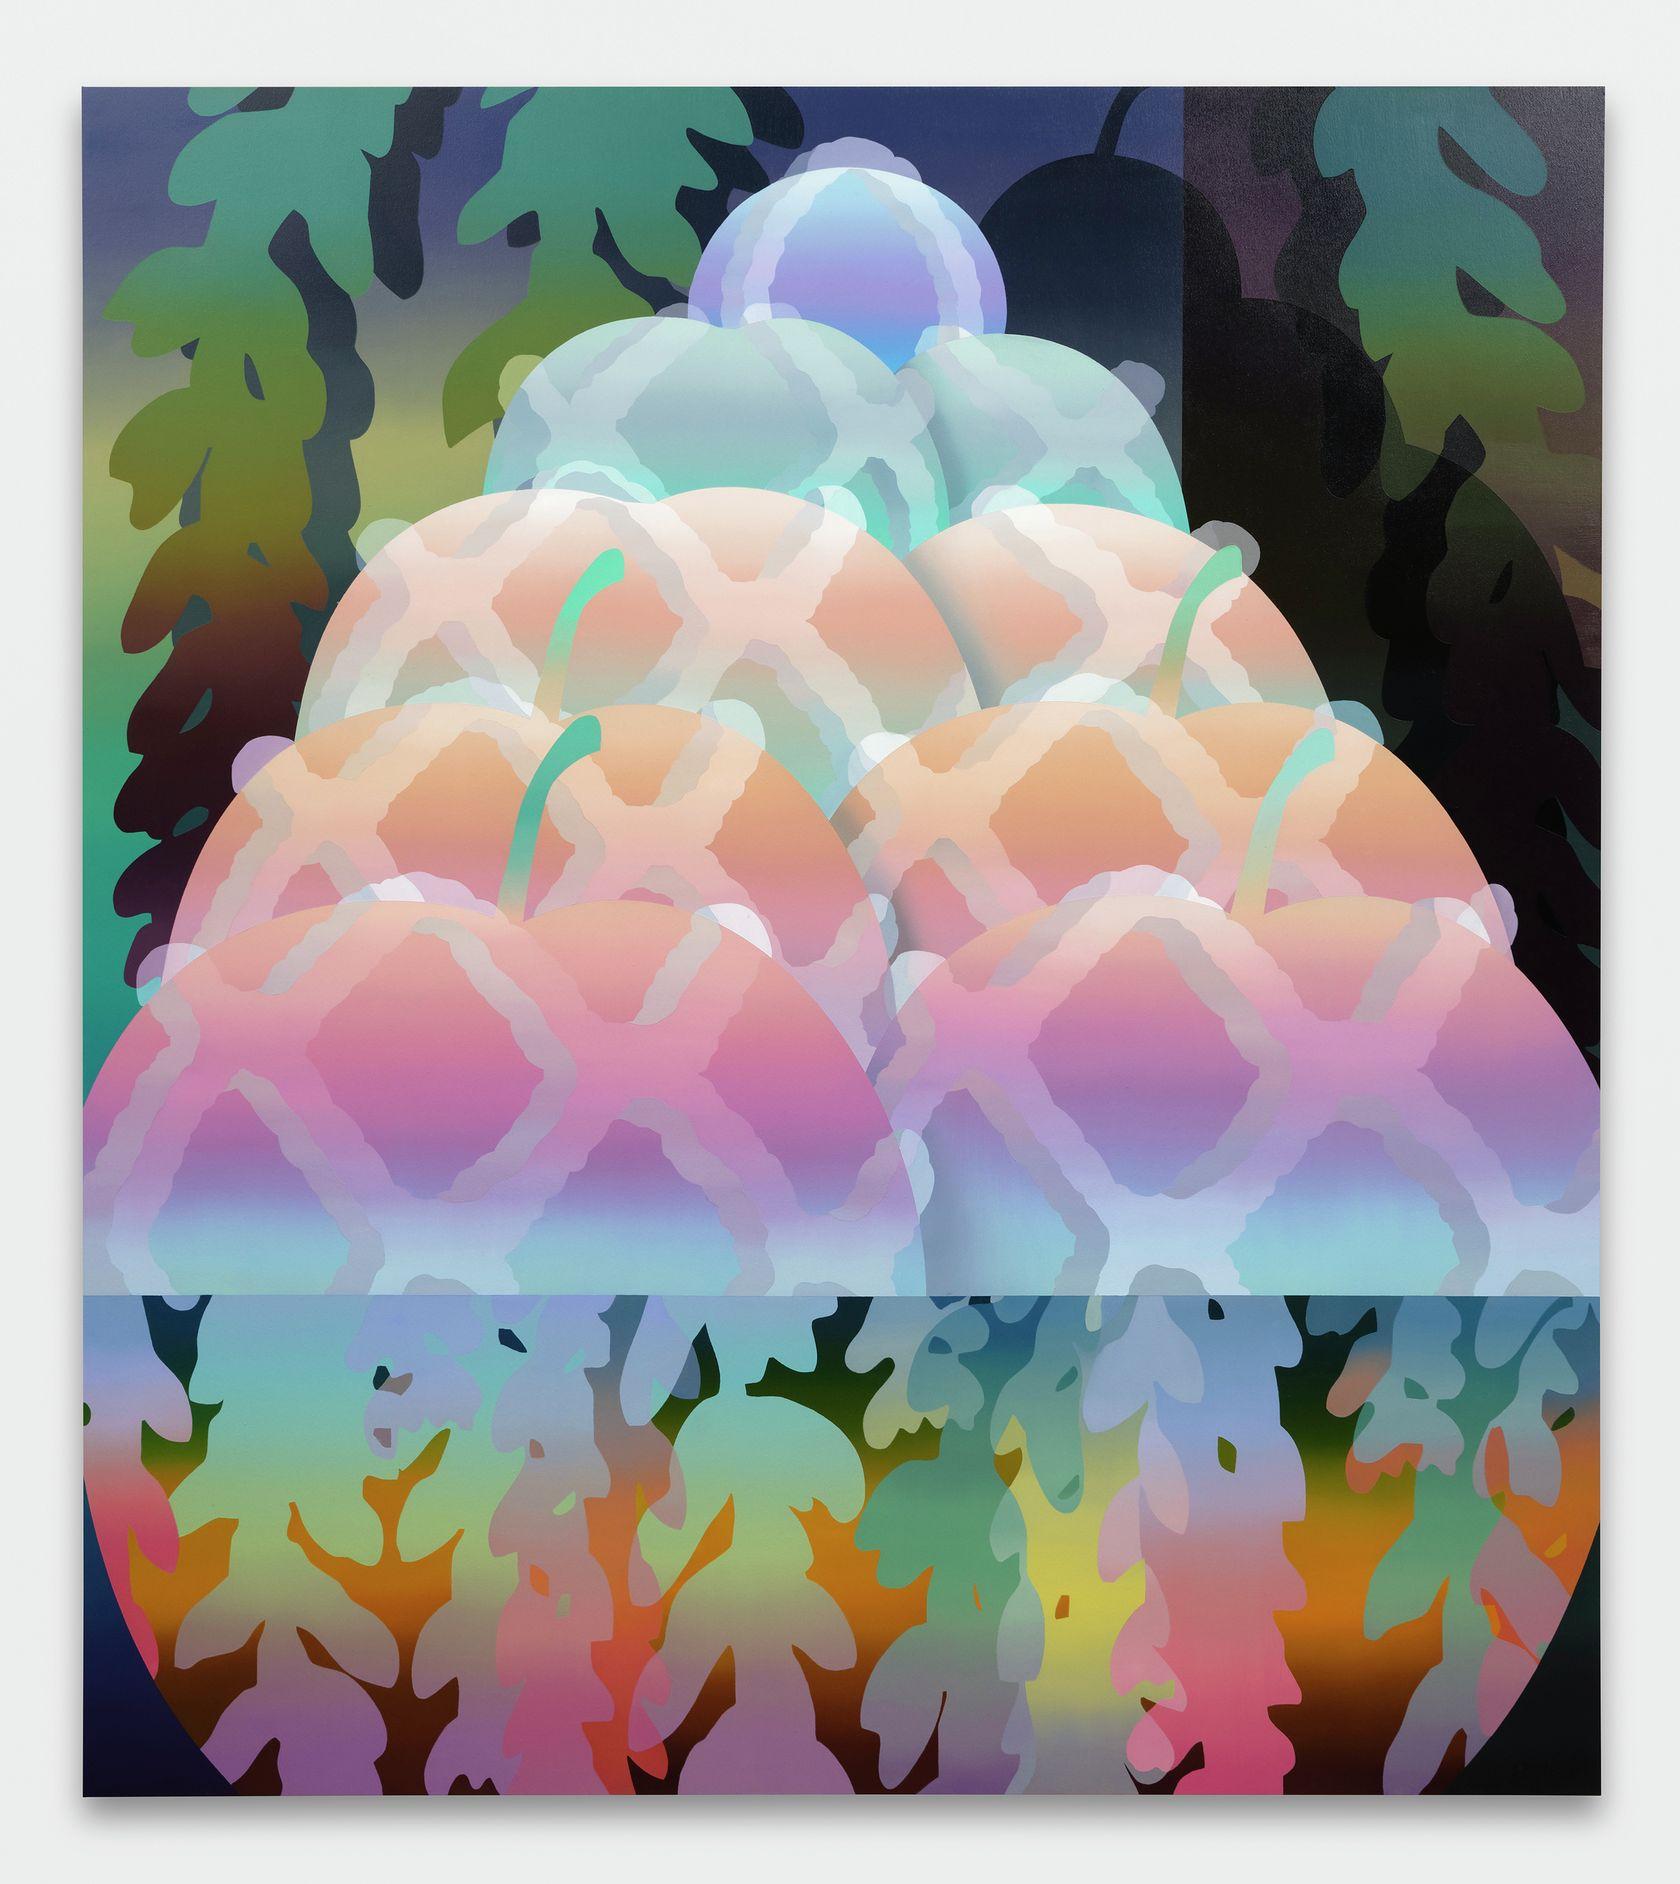 Amélie Bertrand, Frozen Aphrodite, 2021 Huile sur toile180 × 160 cm / 70 7/8 × 63  in.